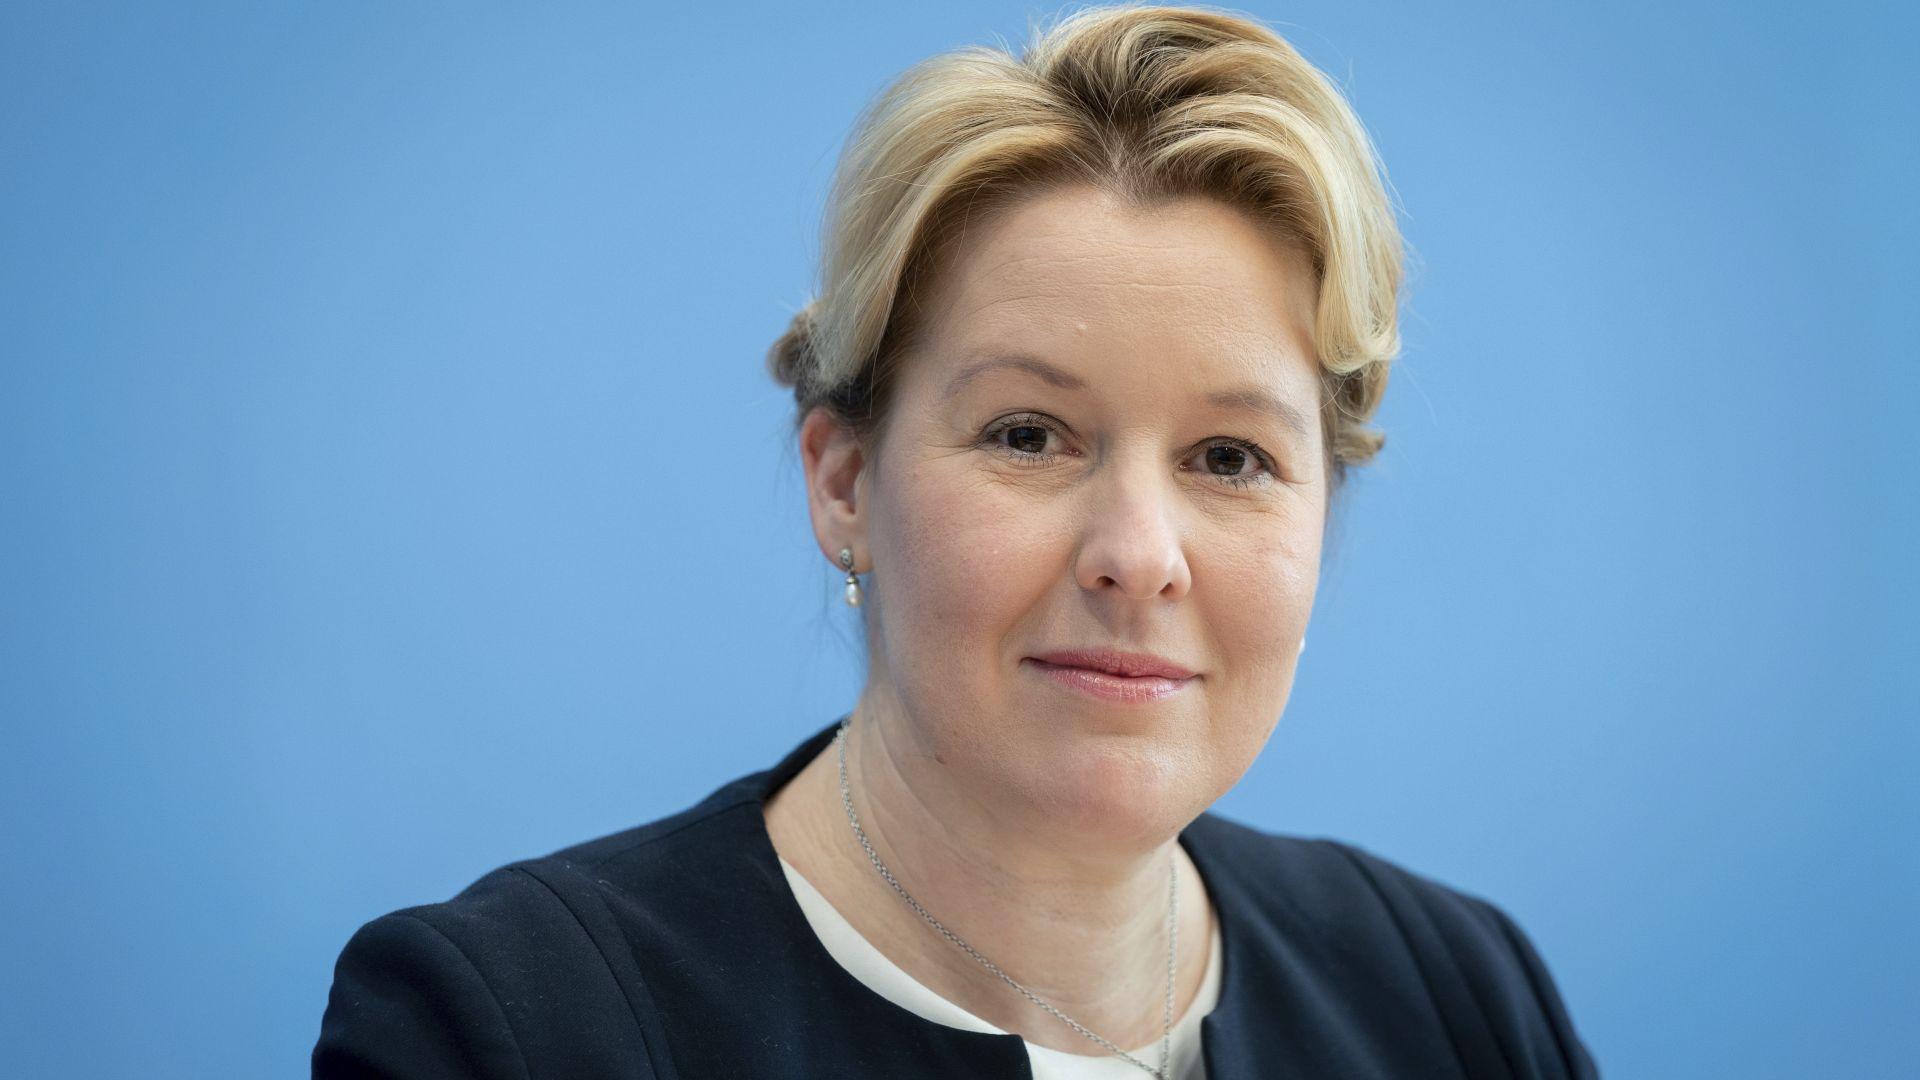 Искат оставката на германски министър заради плагиатство в дисертацията й